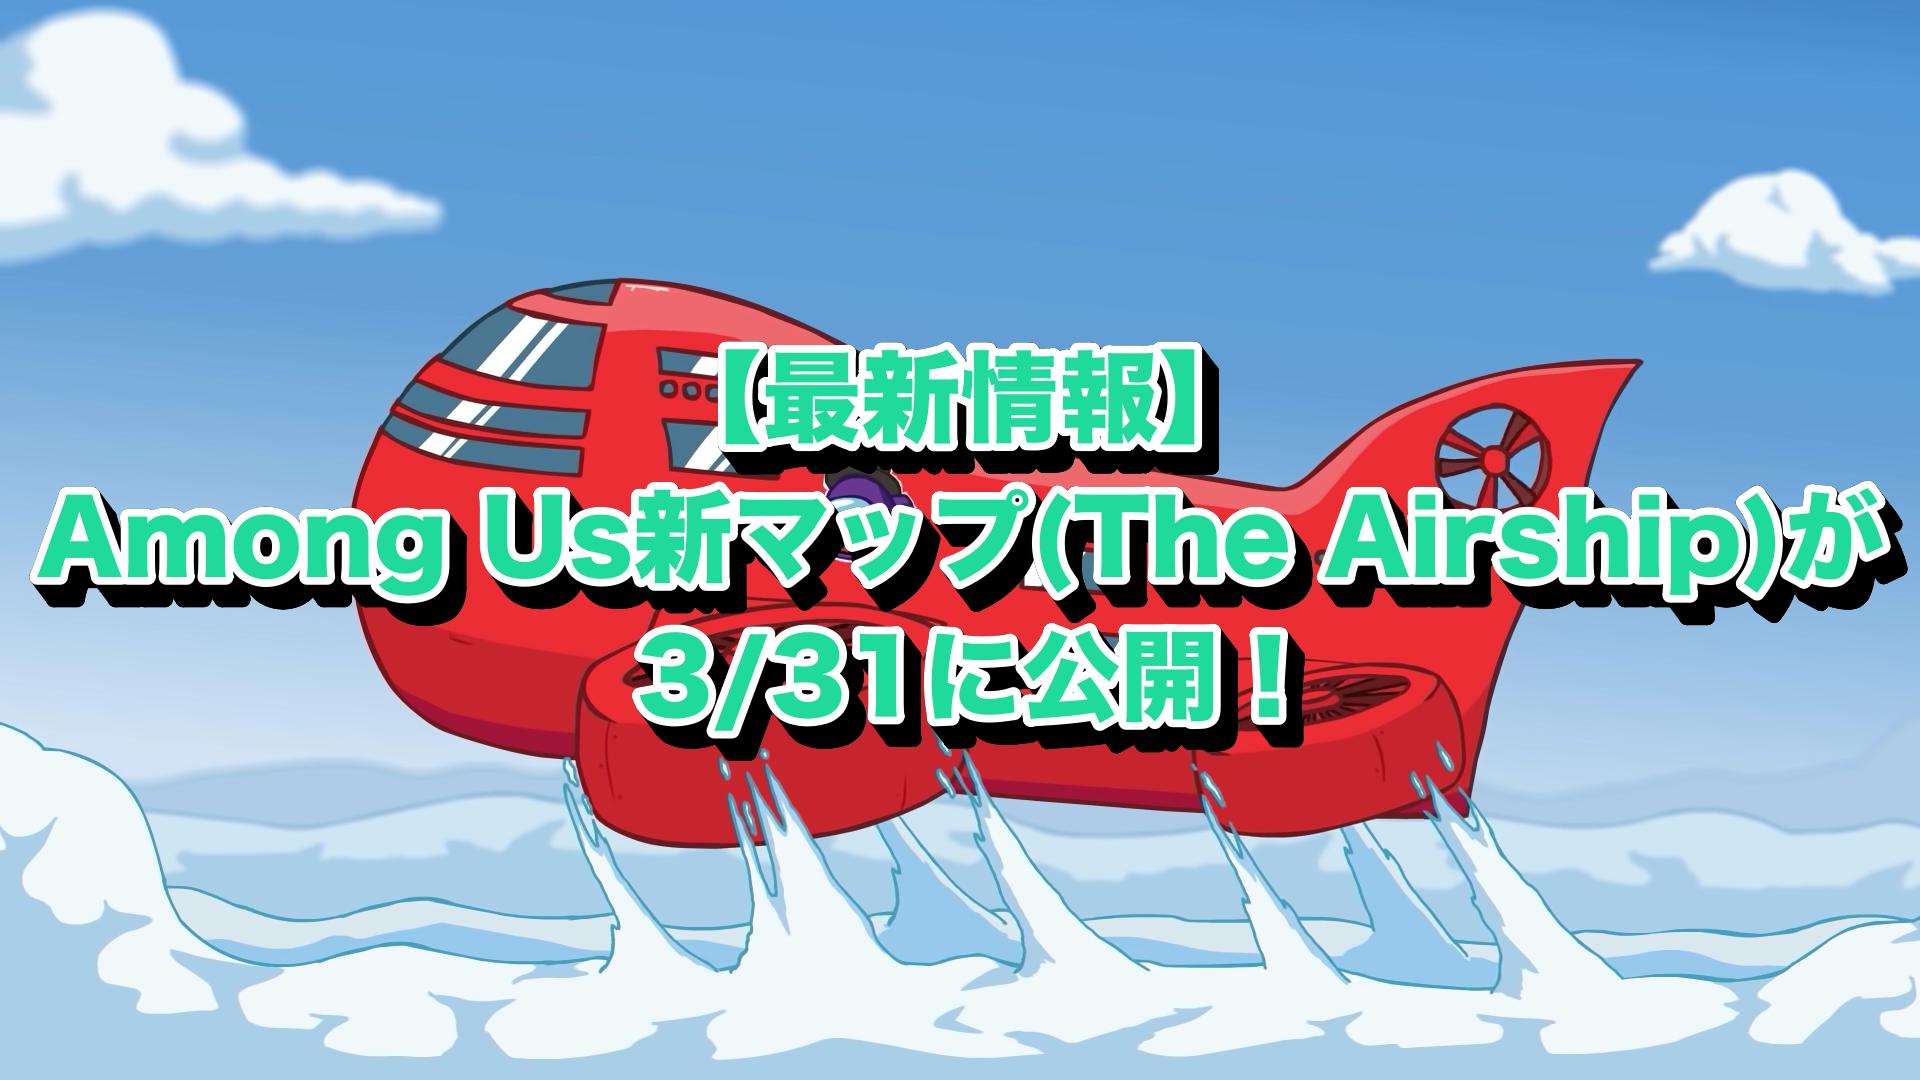 【最新情報】Among Us新マップ(The Airship)が3/31に公開!